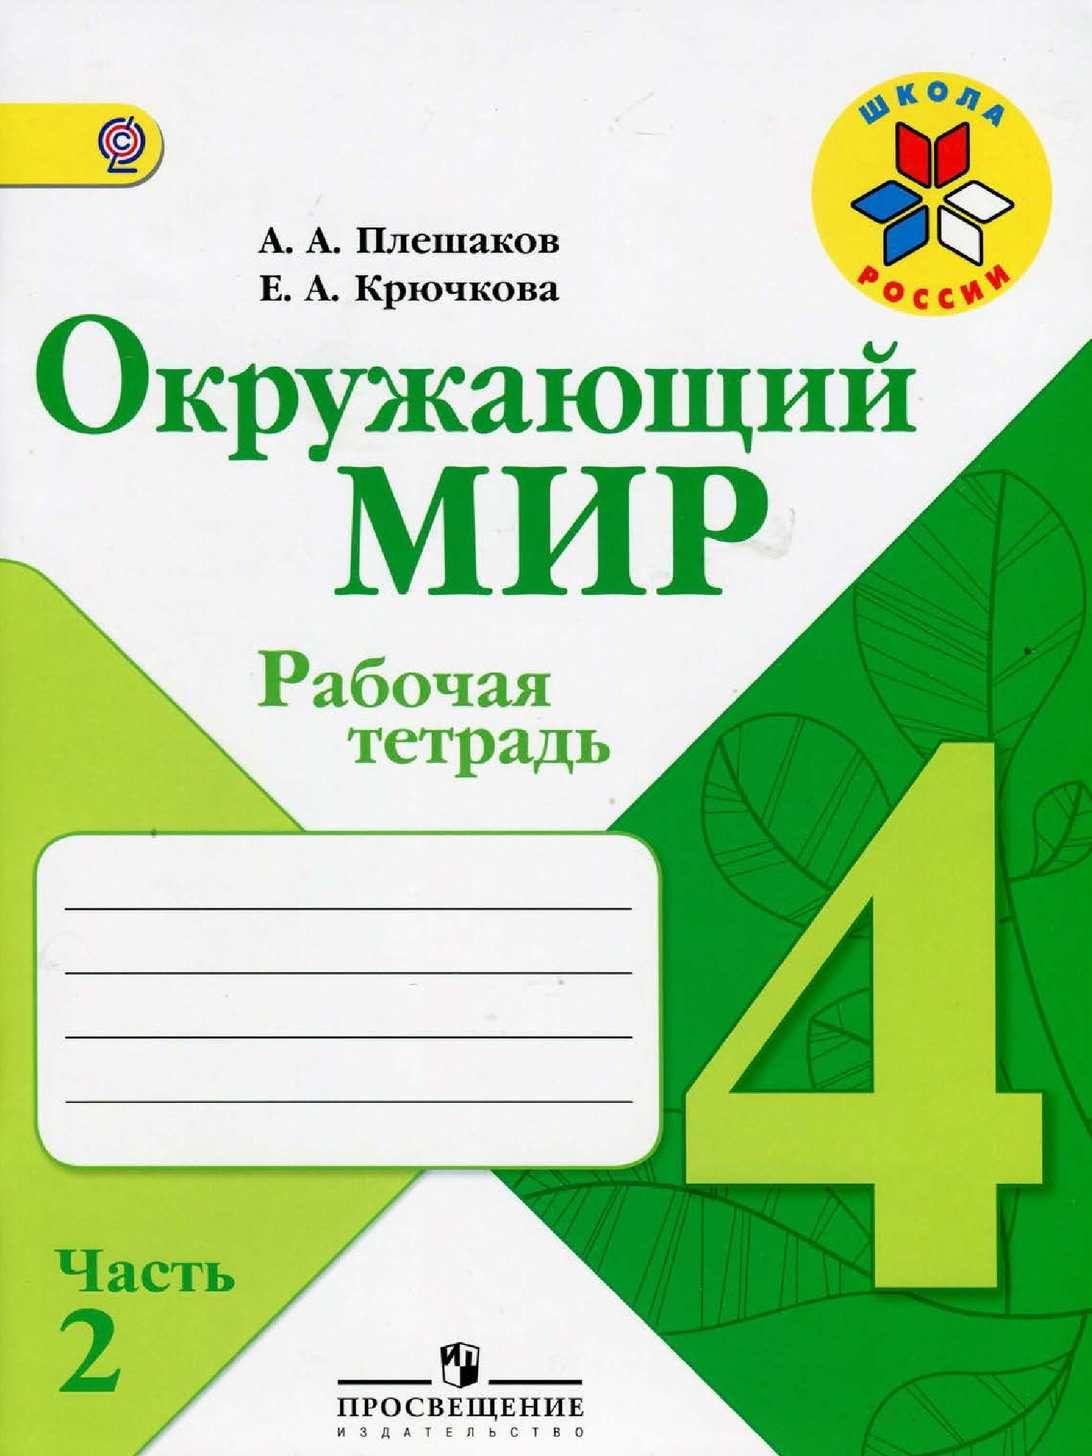 4 класс решебник по русскому языку 4 класс часть 1 канакина стр 141 упр 269 посмотреть